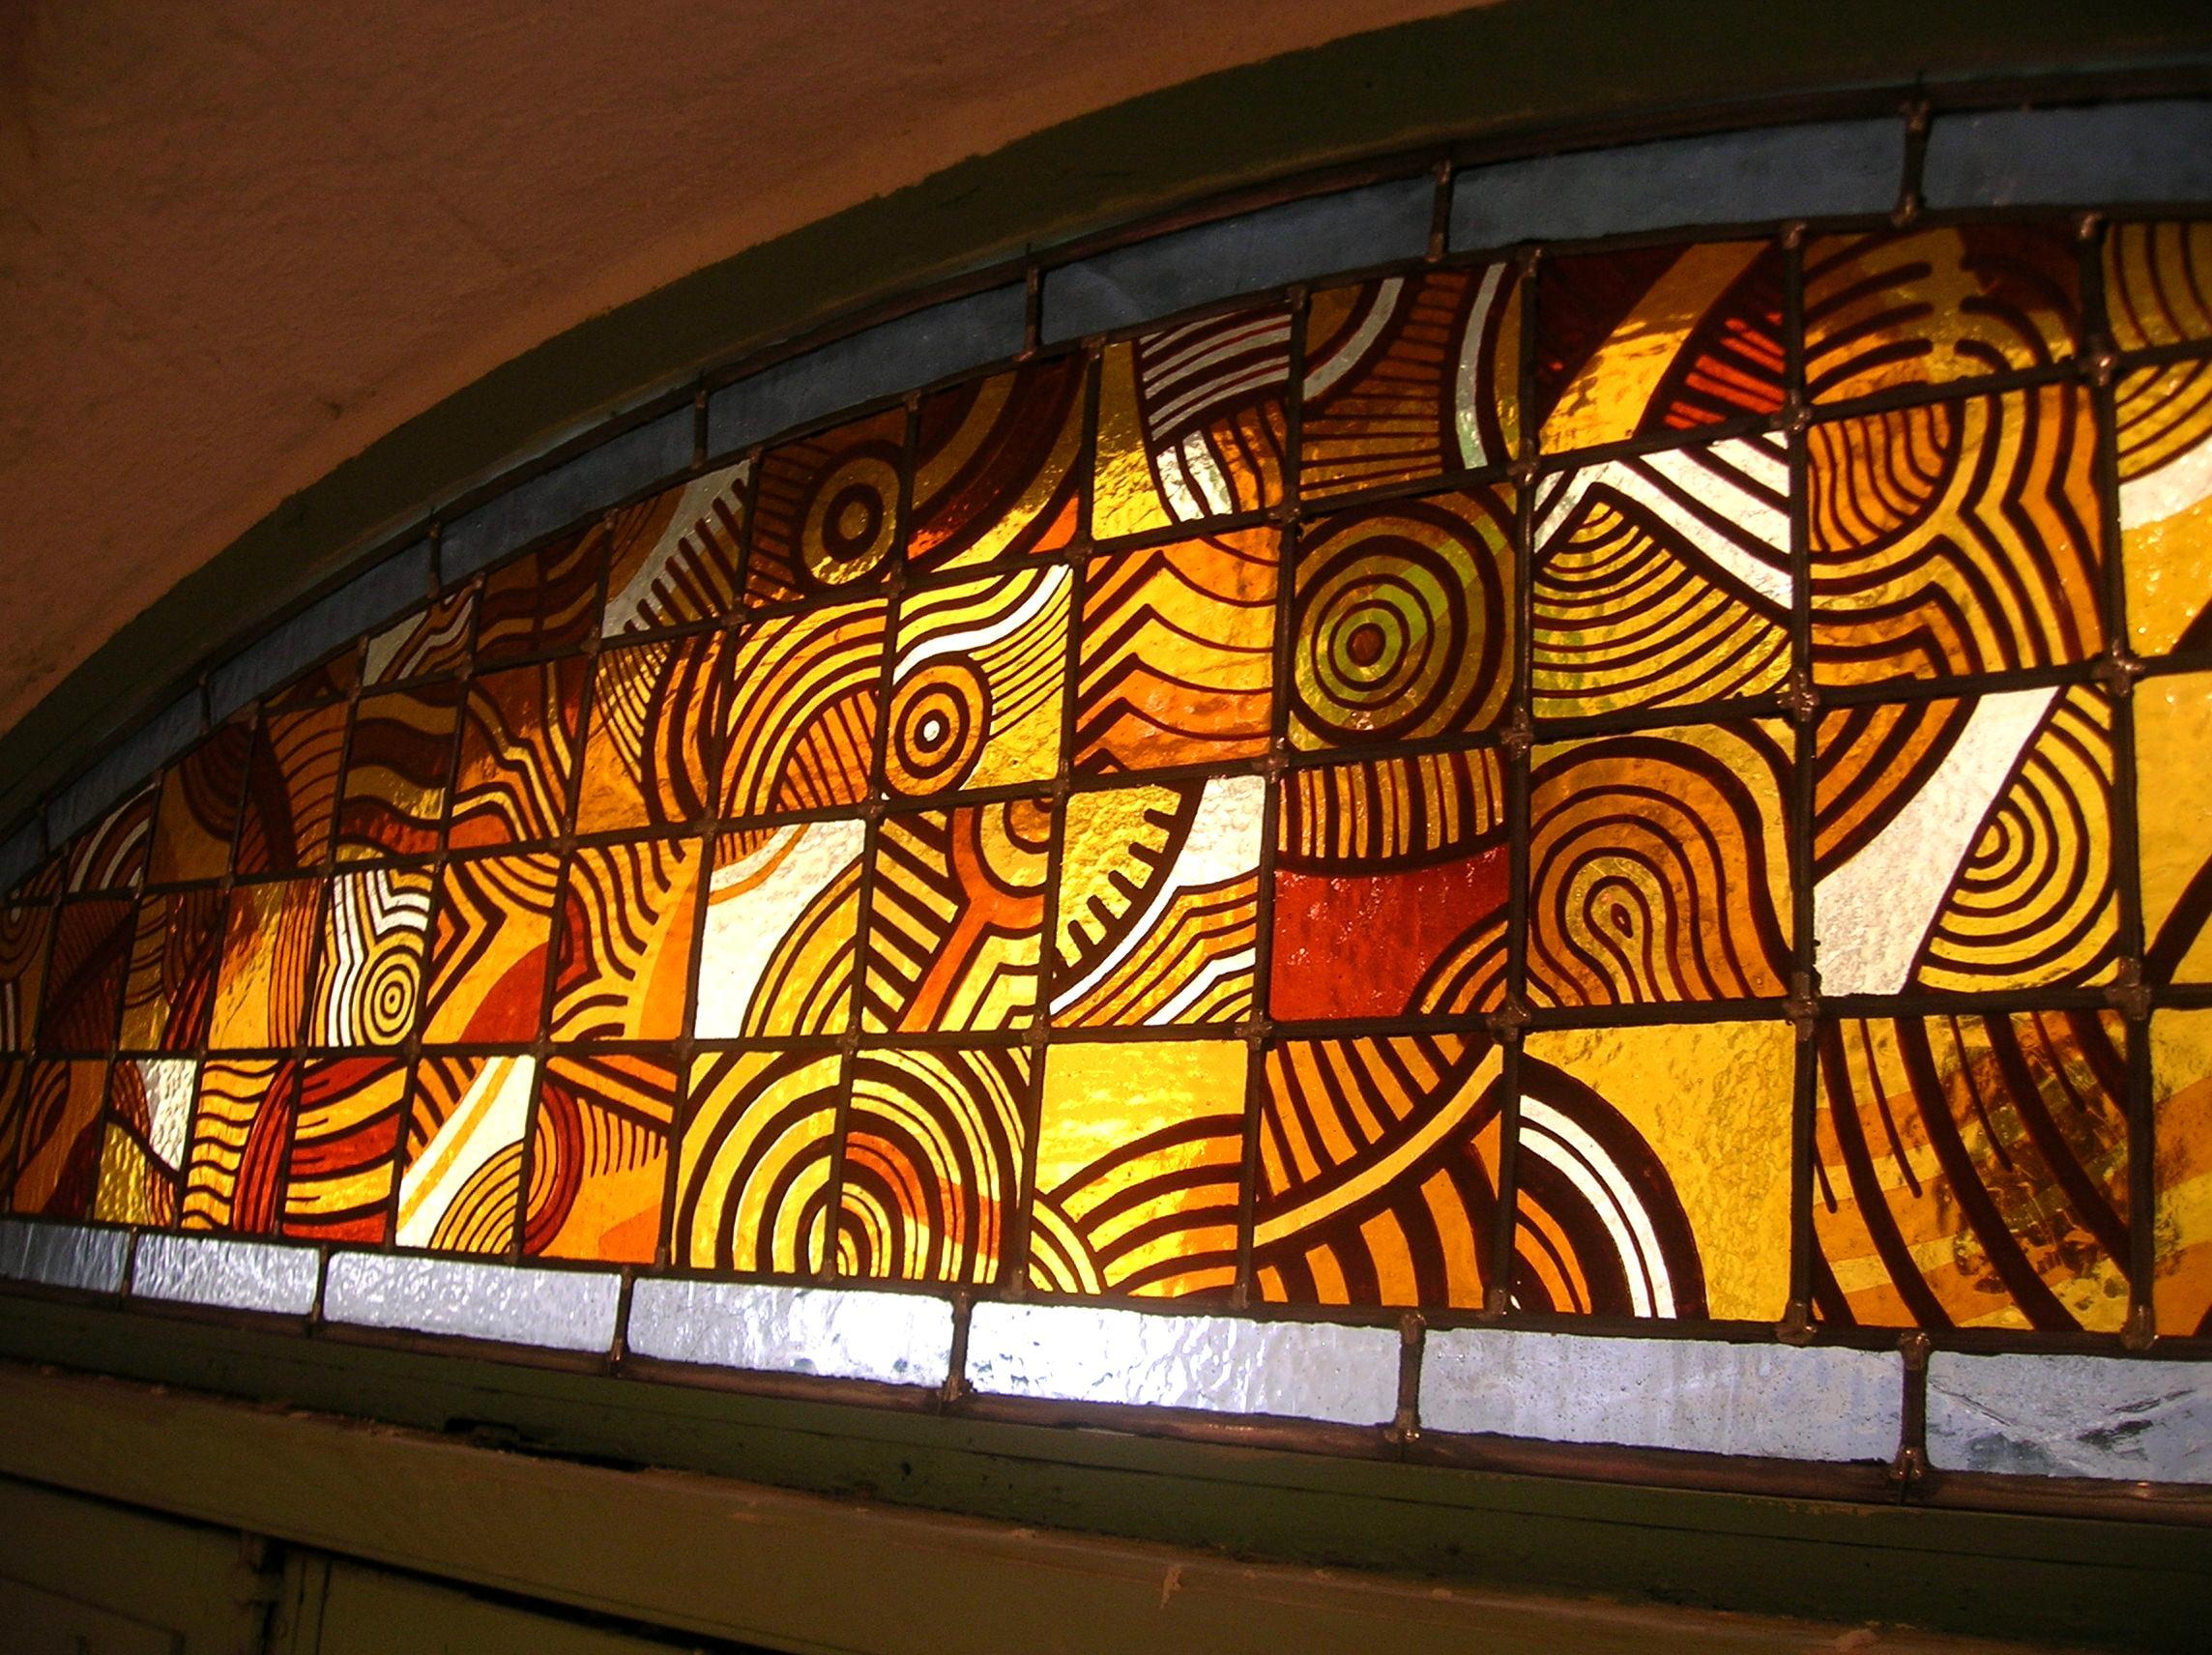 File peinture sur verre vitrail jpg wikimedia commons for Peinture sur verre